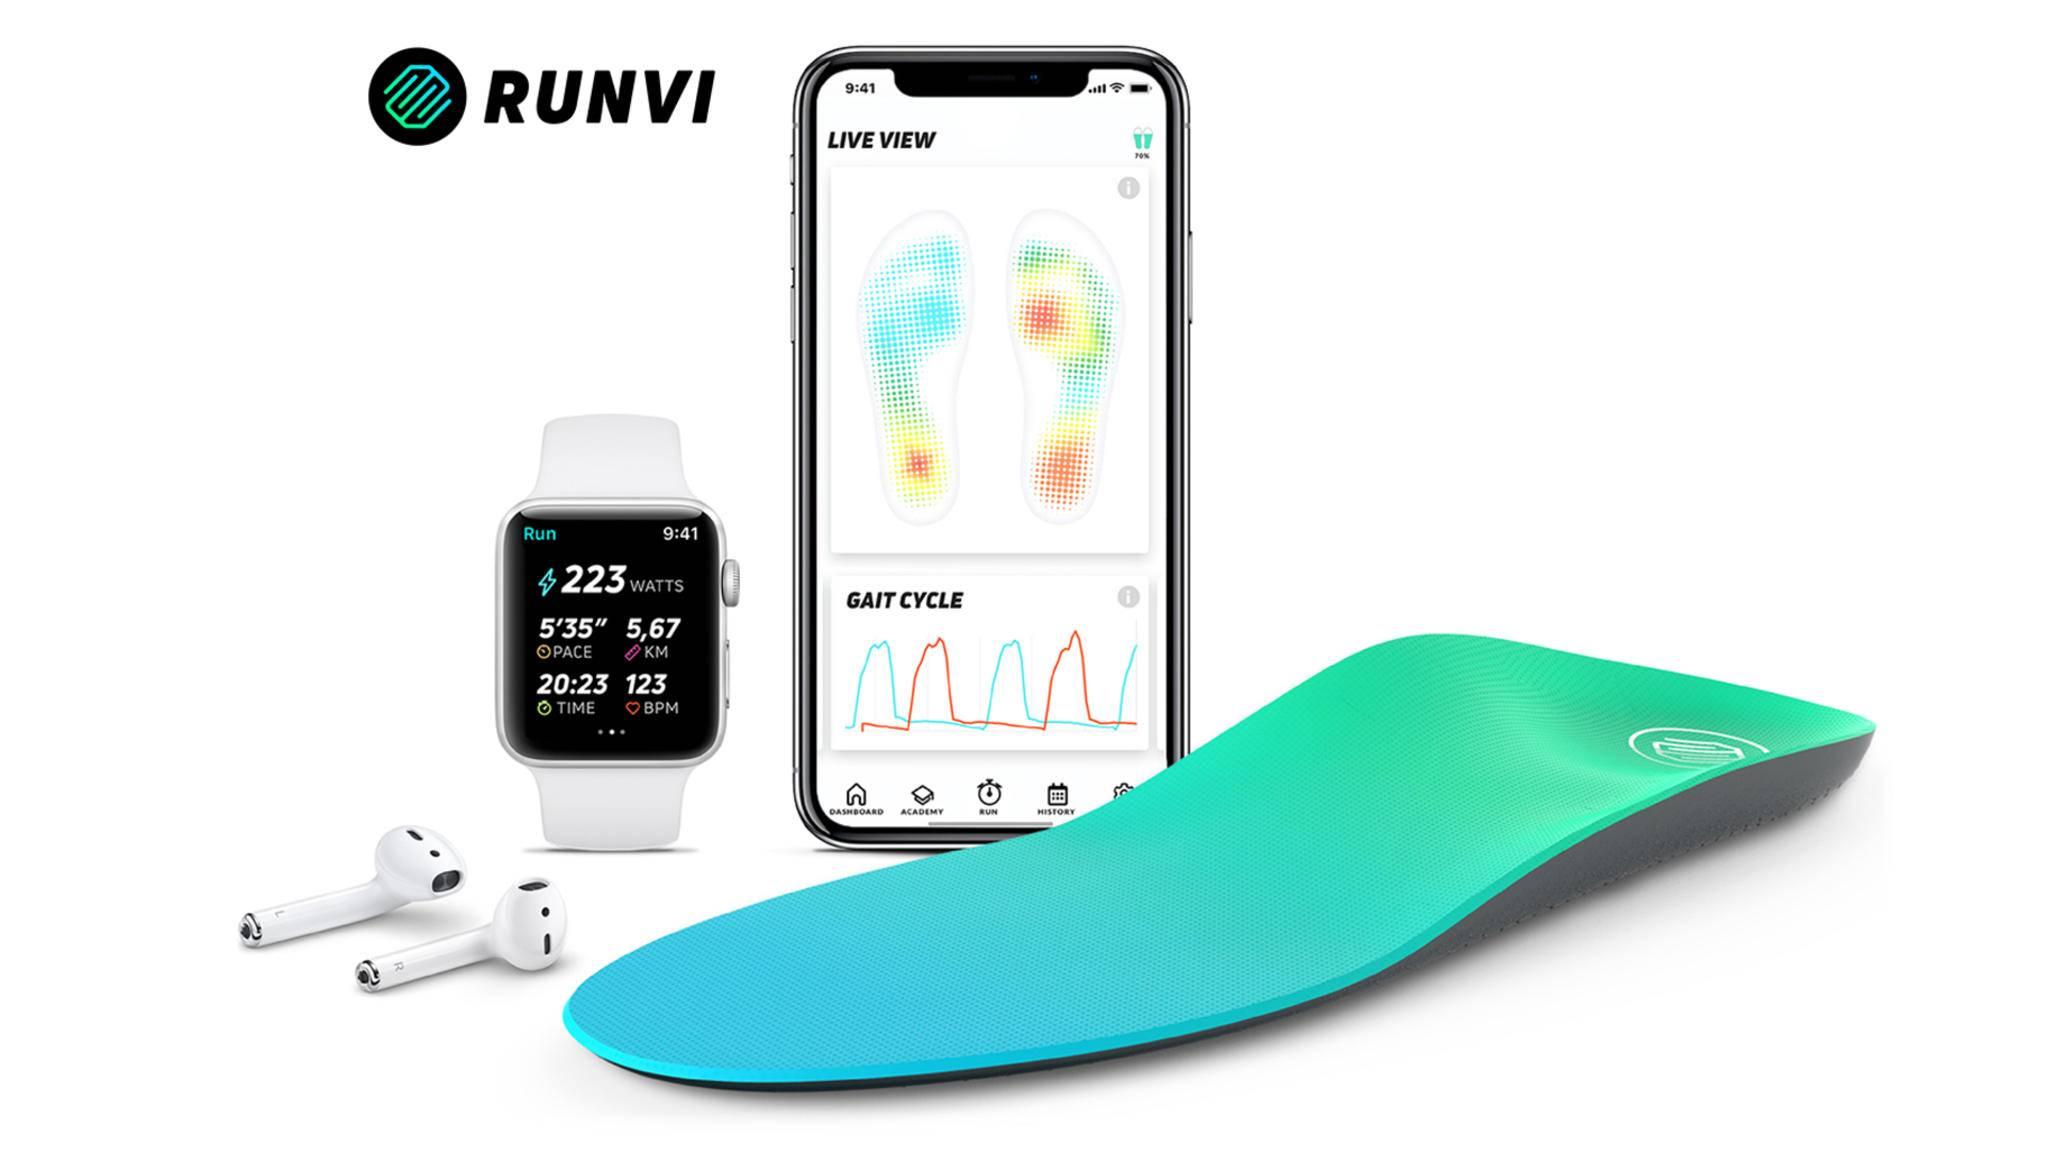 Smarte Einlagen wie von Runvi bieten eine Vielzahl wichtiger Fitness-Daten.